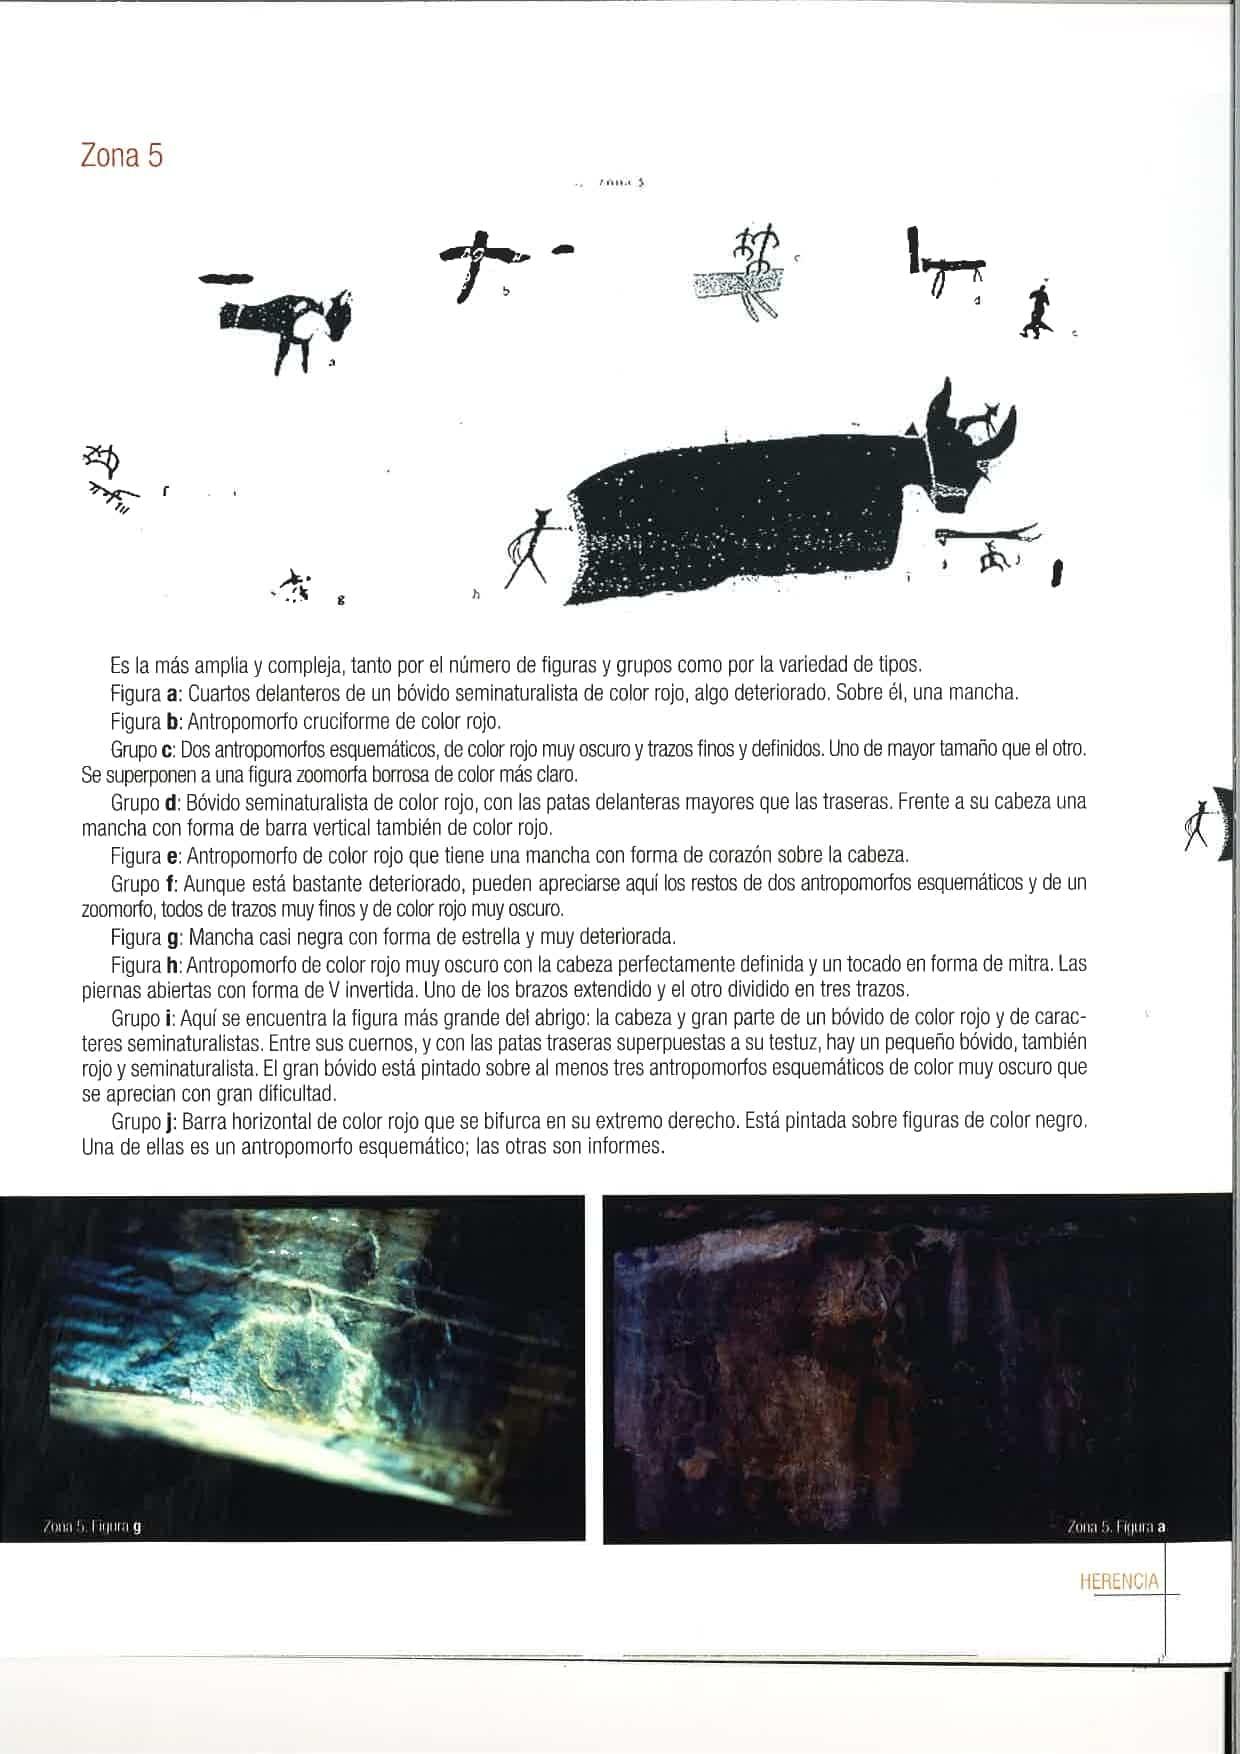 """la rendija herencia page 0010 - Herencia celebró el Día Europeo del Arte Rupestre con """"La Rendija"""""""